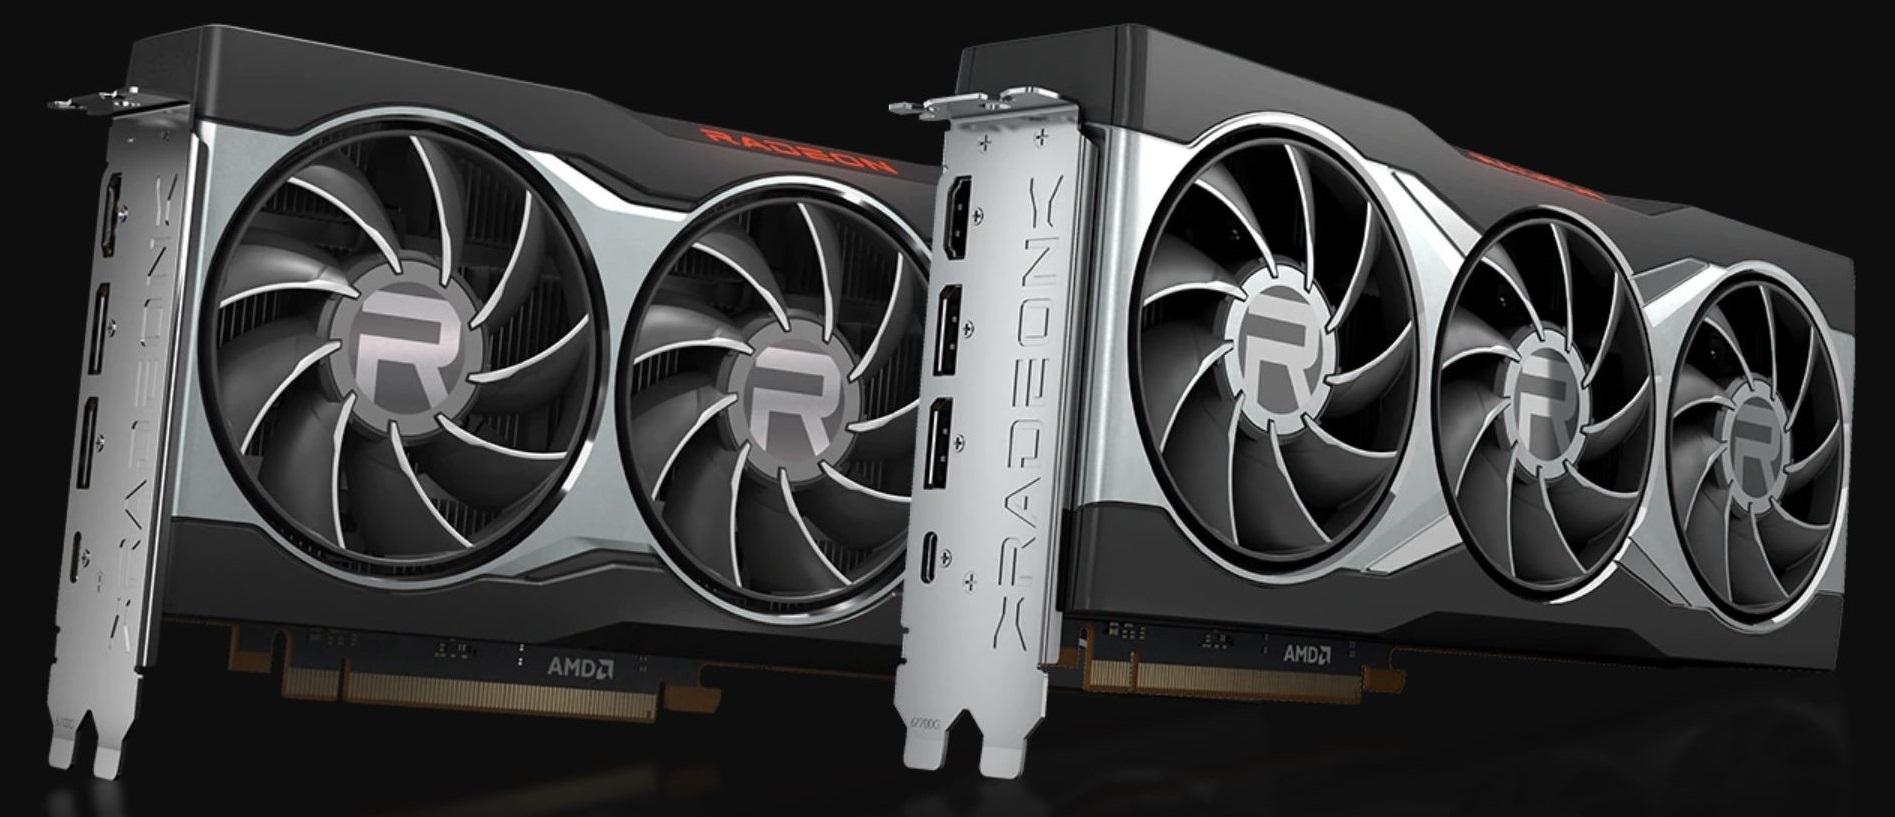 Las AMD Radeon RX 6800 XT y RX 6800 con diseño de referencia pasarán a mejor vida a «principios de 2021»